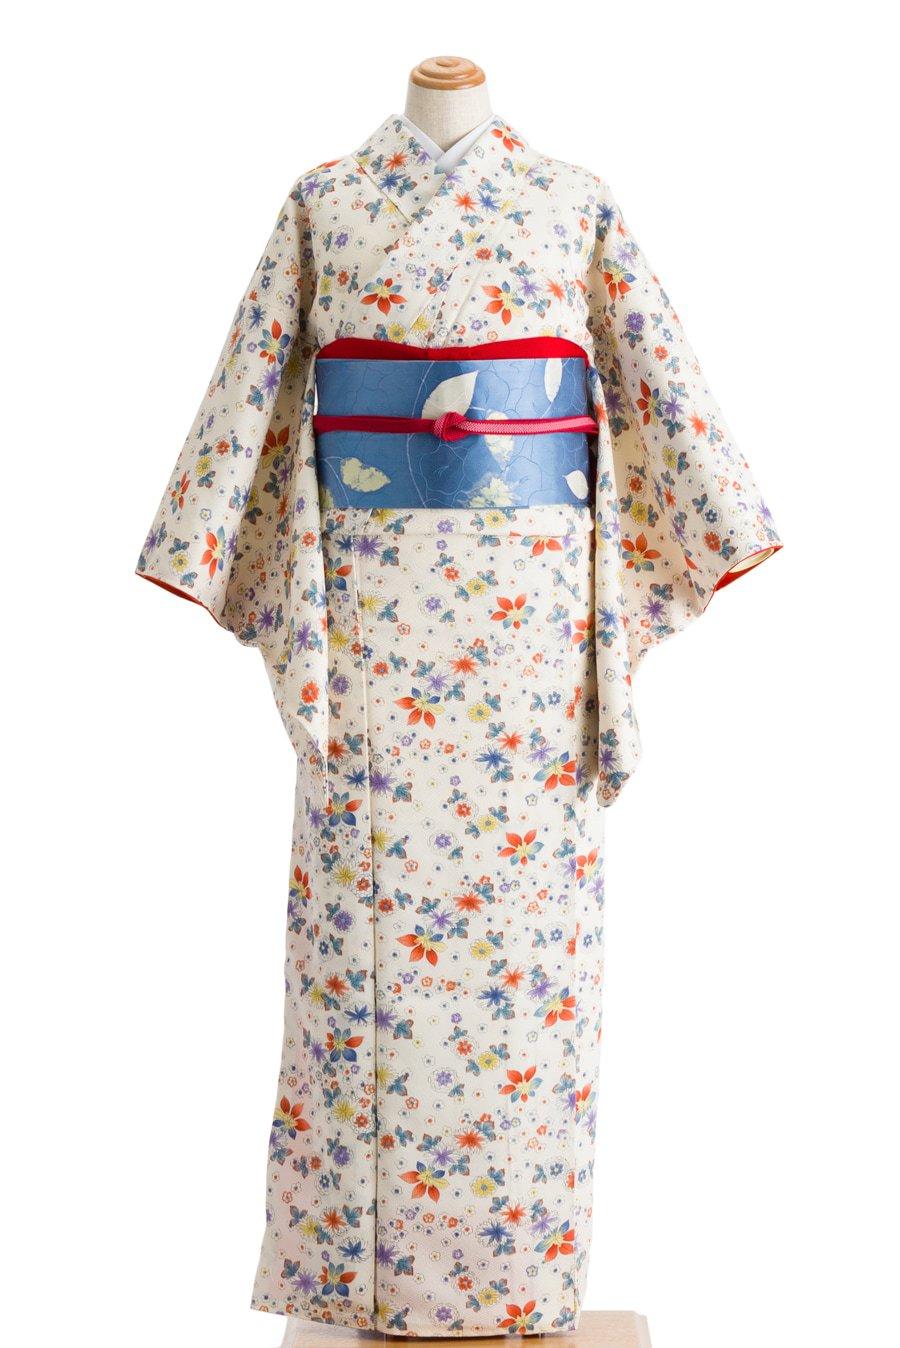 「白地 菊や楓など」の商品画像